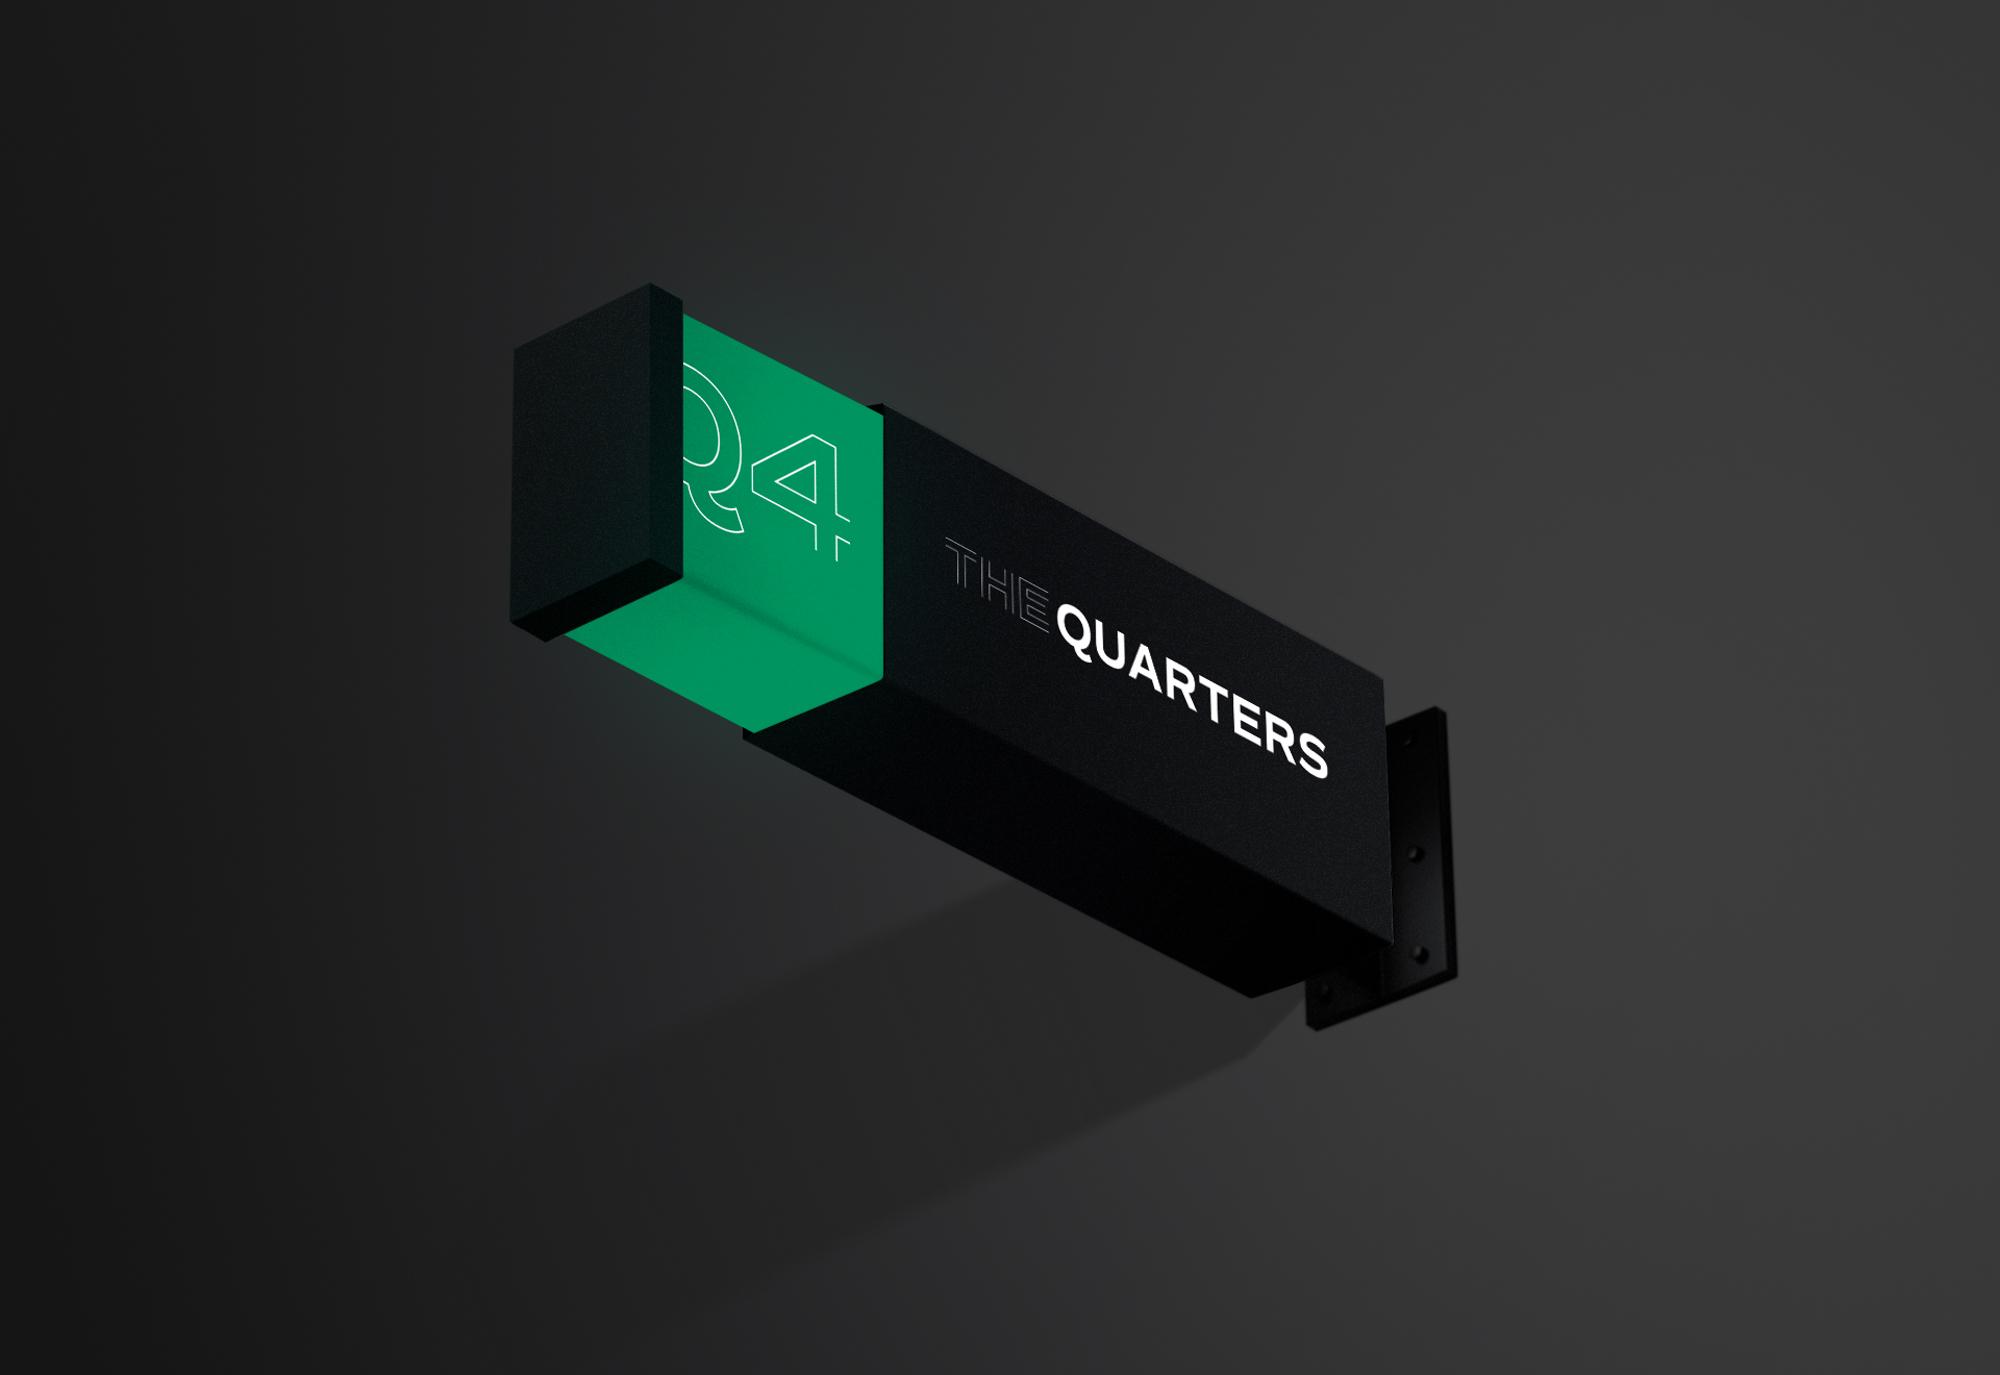 Quarters_Wayfinding_LR-2